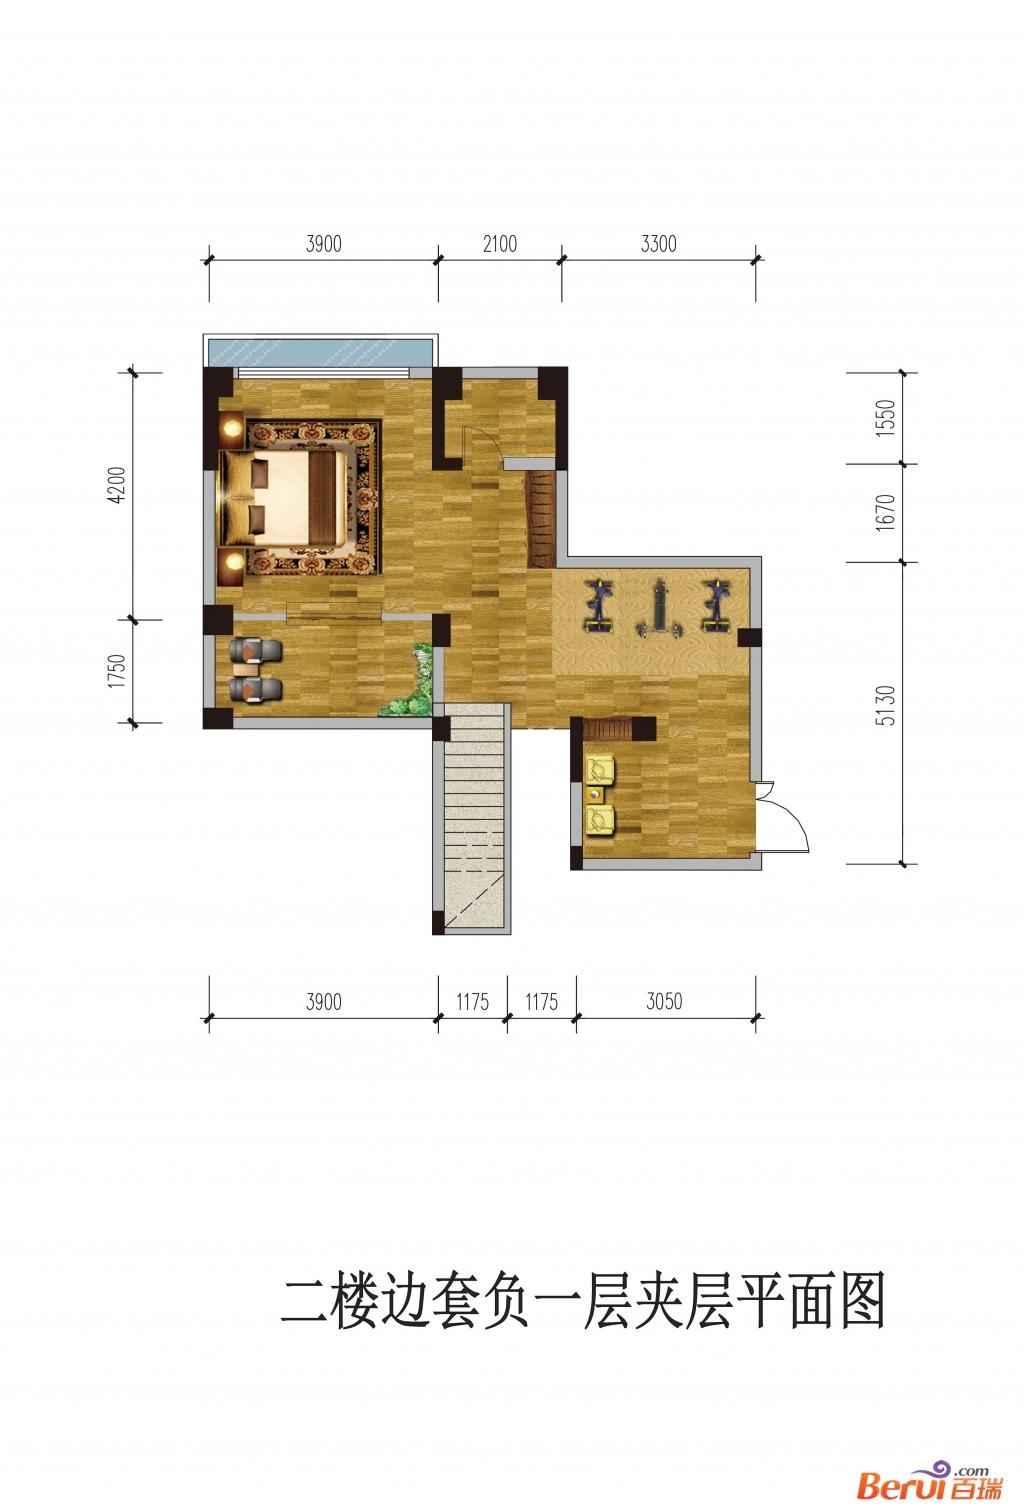 悦湖山院2楼边套负1夹层(洋房)